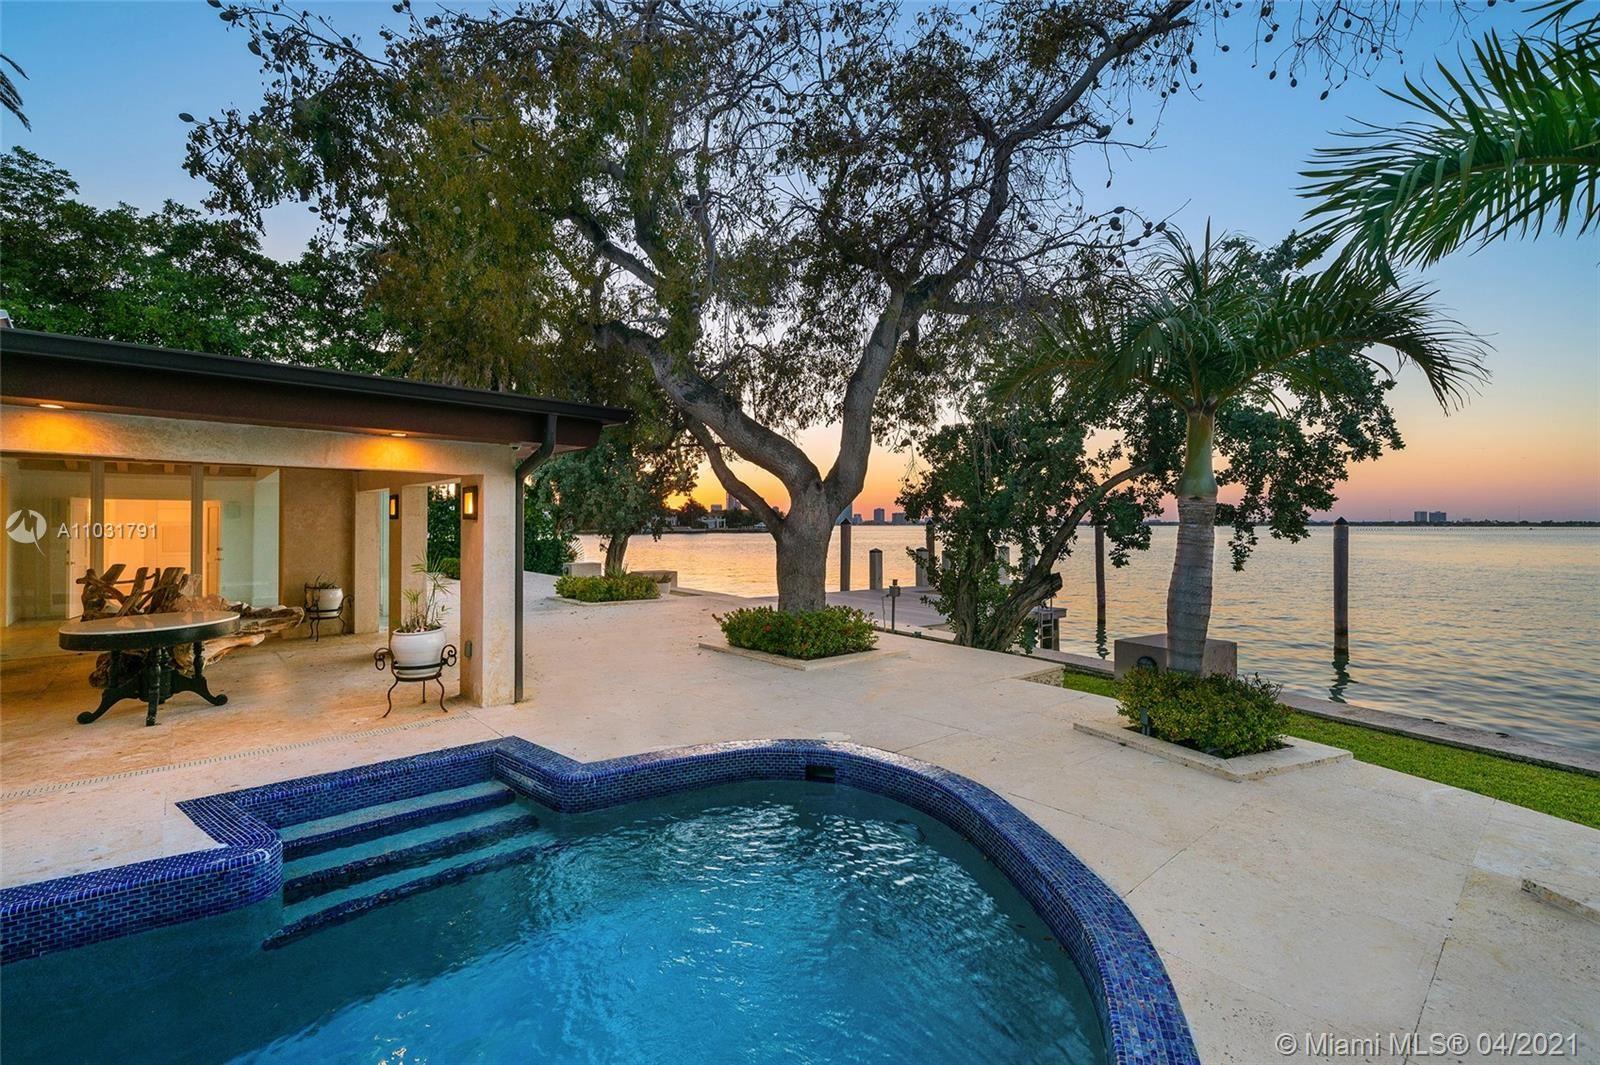 444 W Rivo Alto Dr, Miami Beach, FL 33139 - #: A11031791